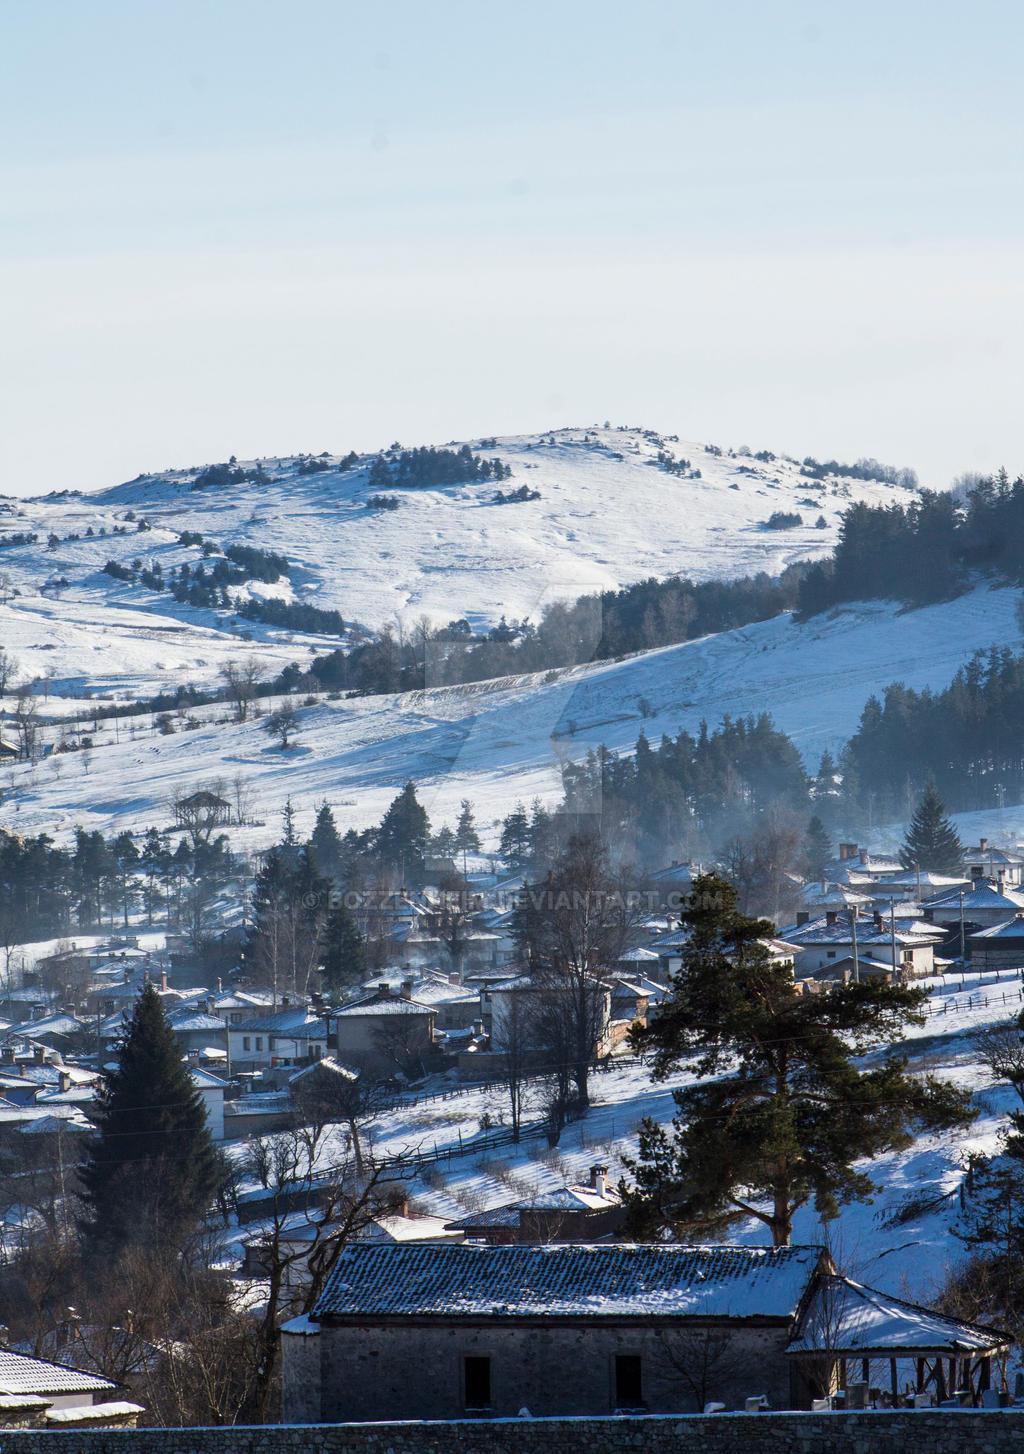 Koprivshtitsa landscape by Bozzenheim